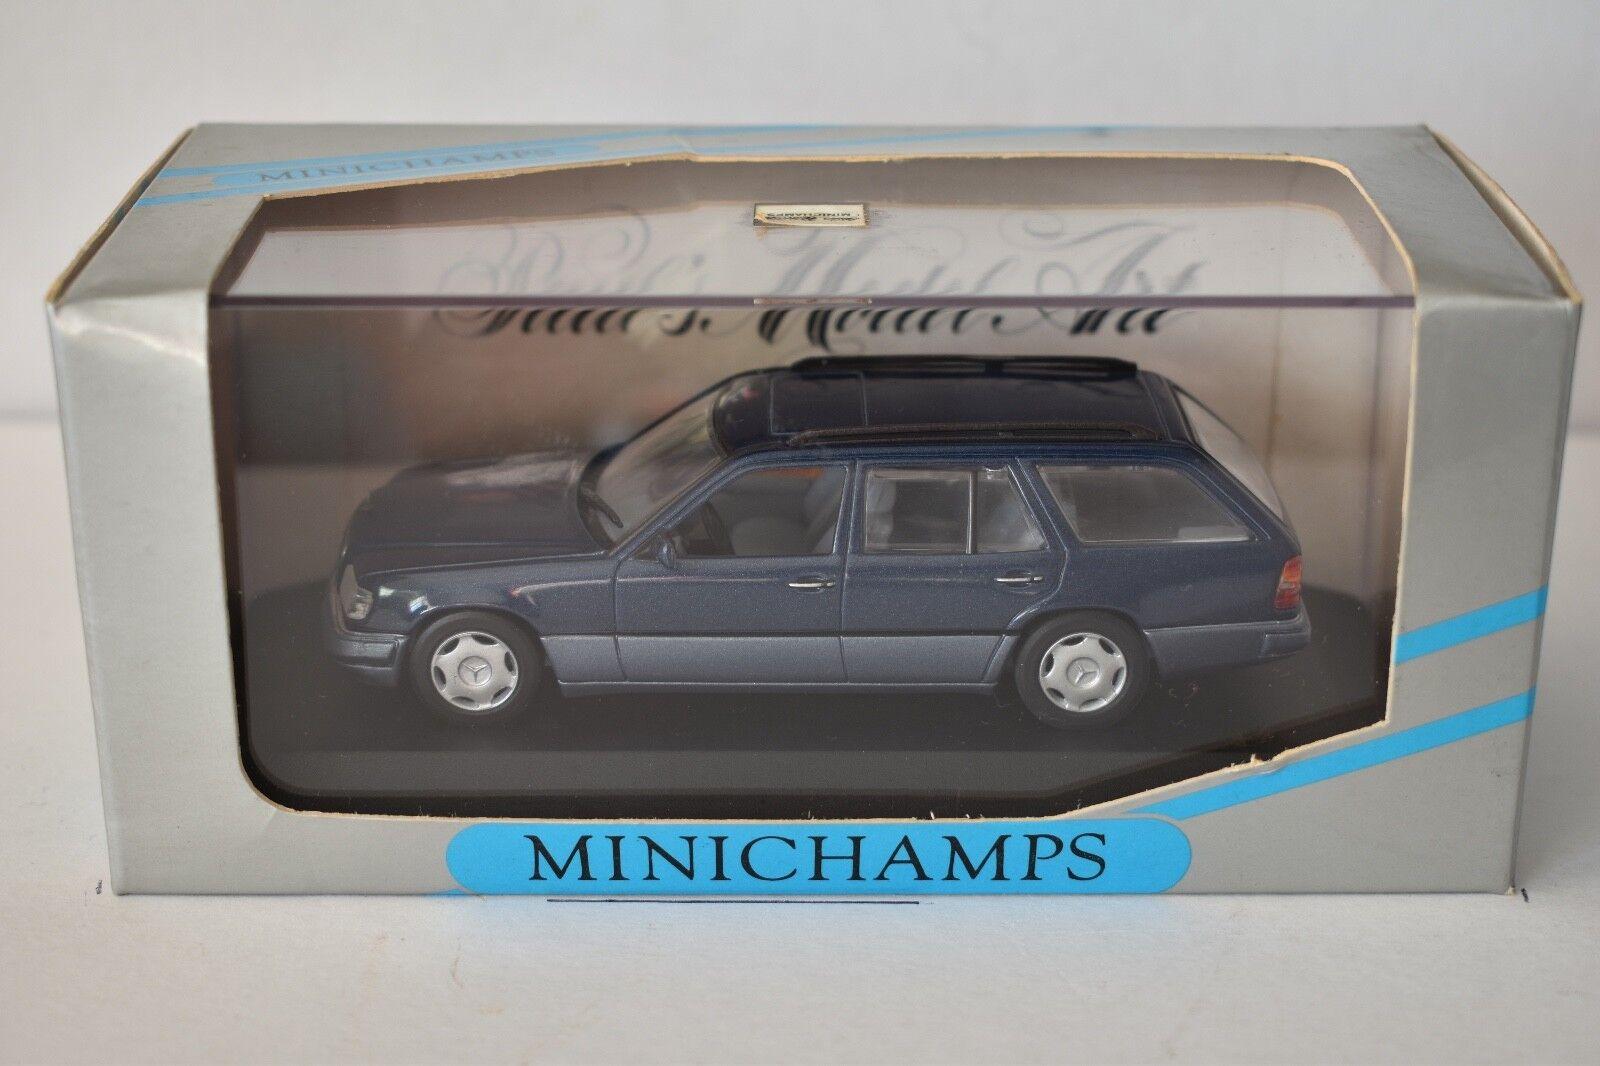 Minichamps - Mercedes-Benz E Klass Break Nautical bleu Metallic - 1993 - 1 43